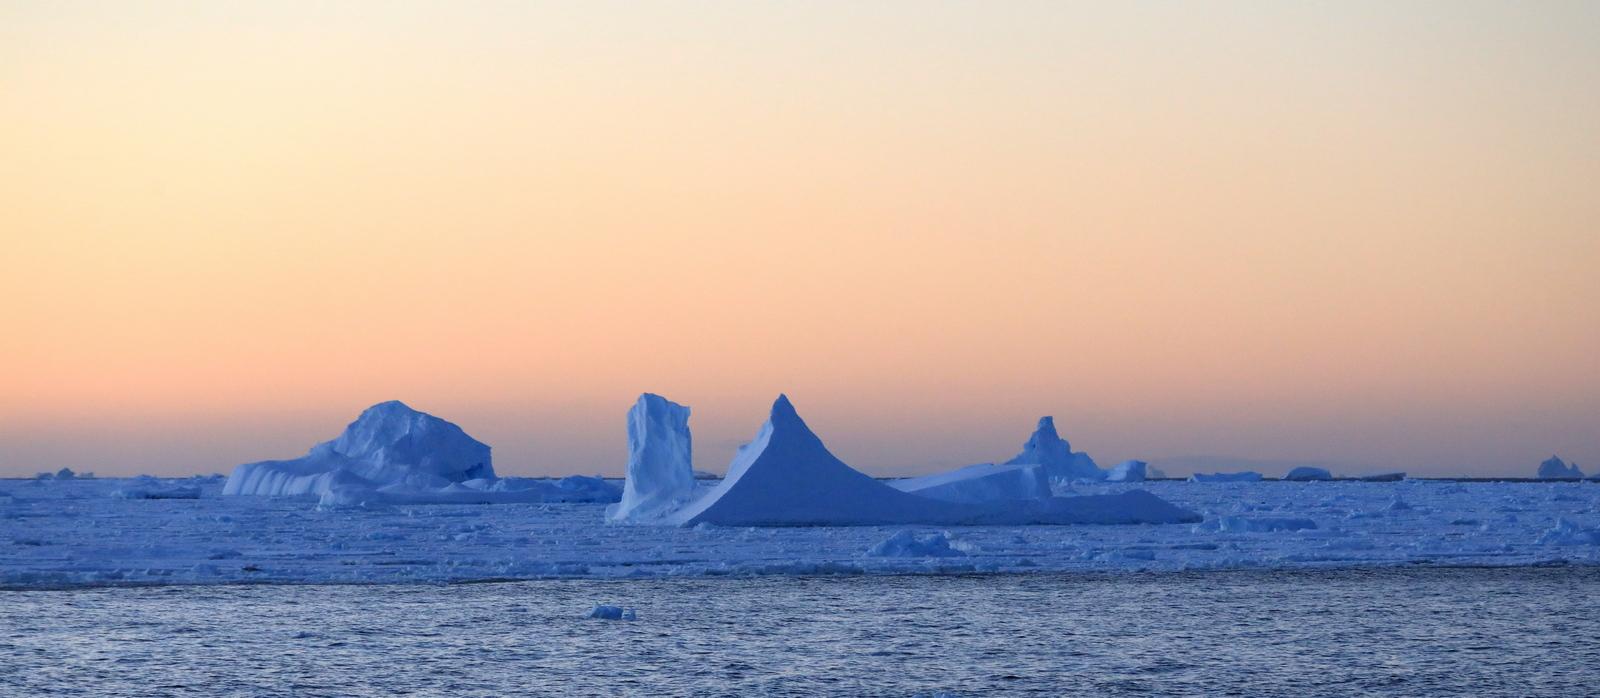 1702_Antarctique_03373_c_sm.jpg